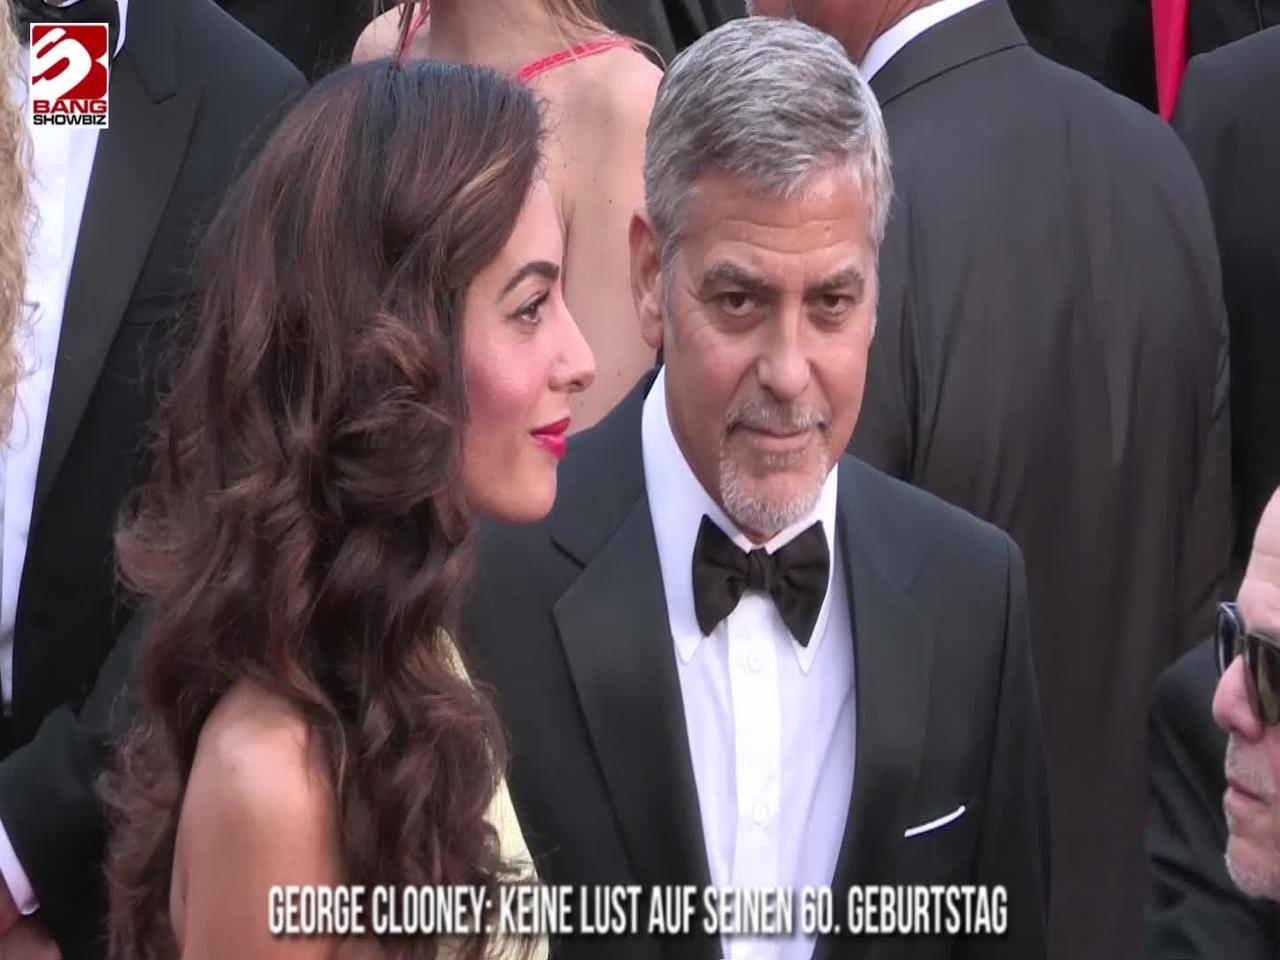 George Clooney ist ein Brad Pitt Super-Fan in einem urkomischen Spenden-Sketch